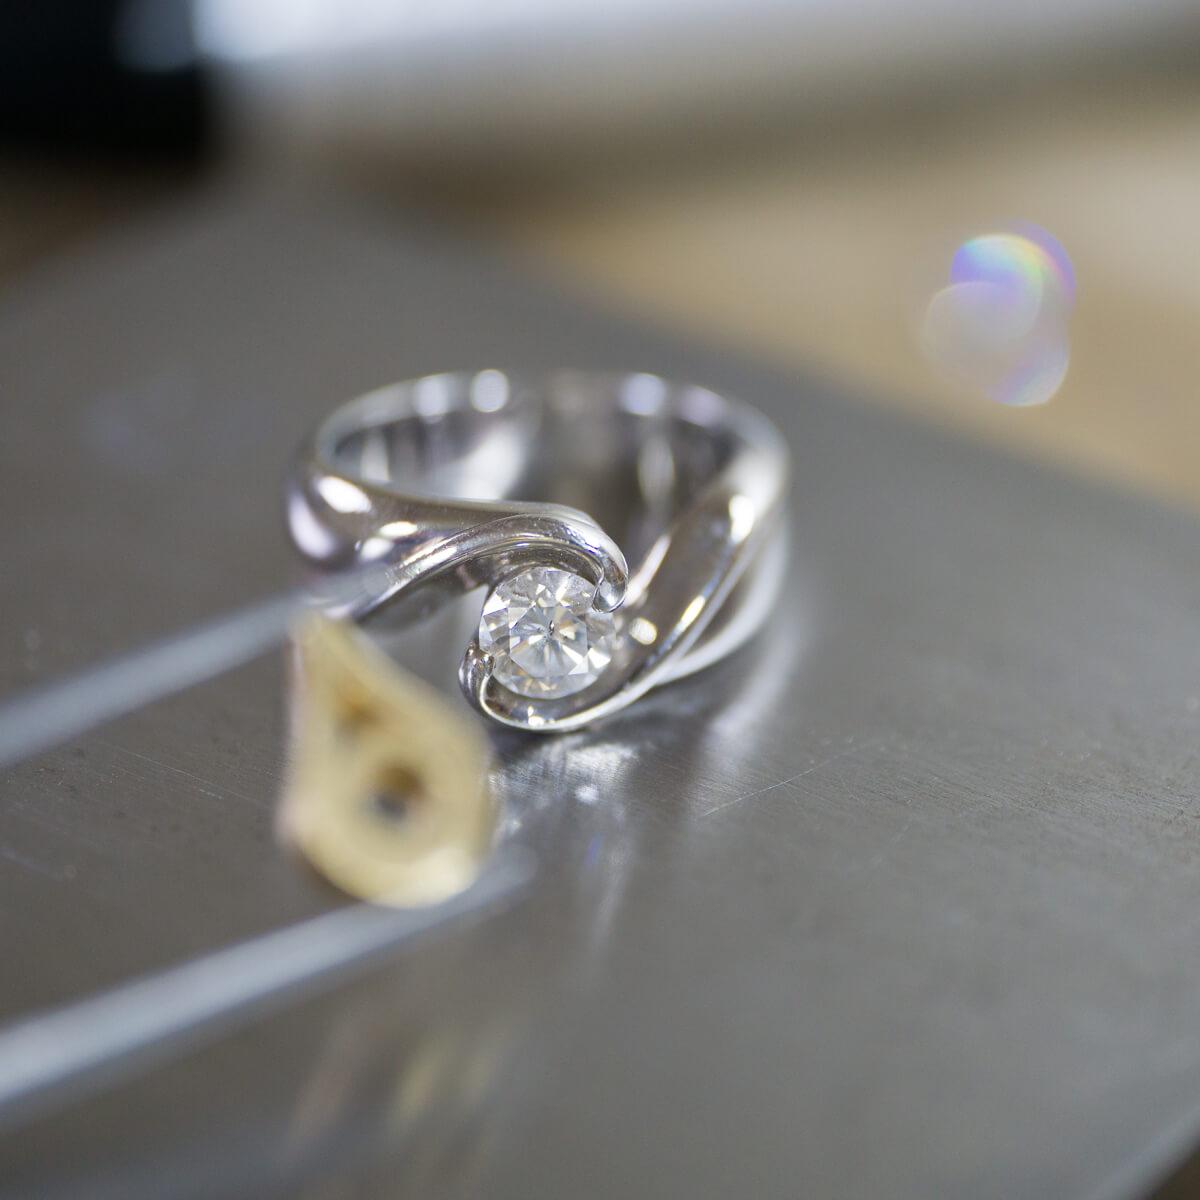 リメイクジュエリーの制作風景 ジュエリーのアトリエにダイヤモンドリング、ペンダントトップ ゴールド、プラチナ 屋久島だオーダーメイドジュエリー